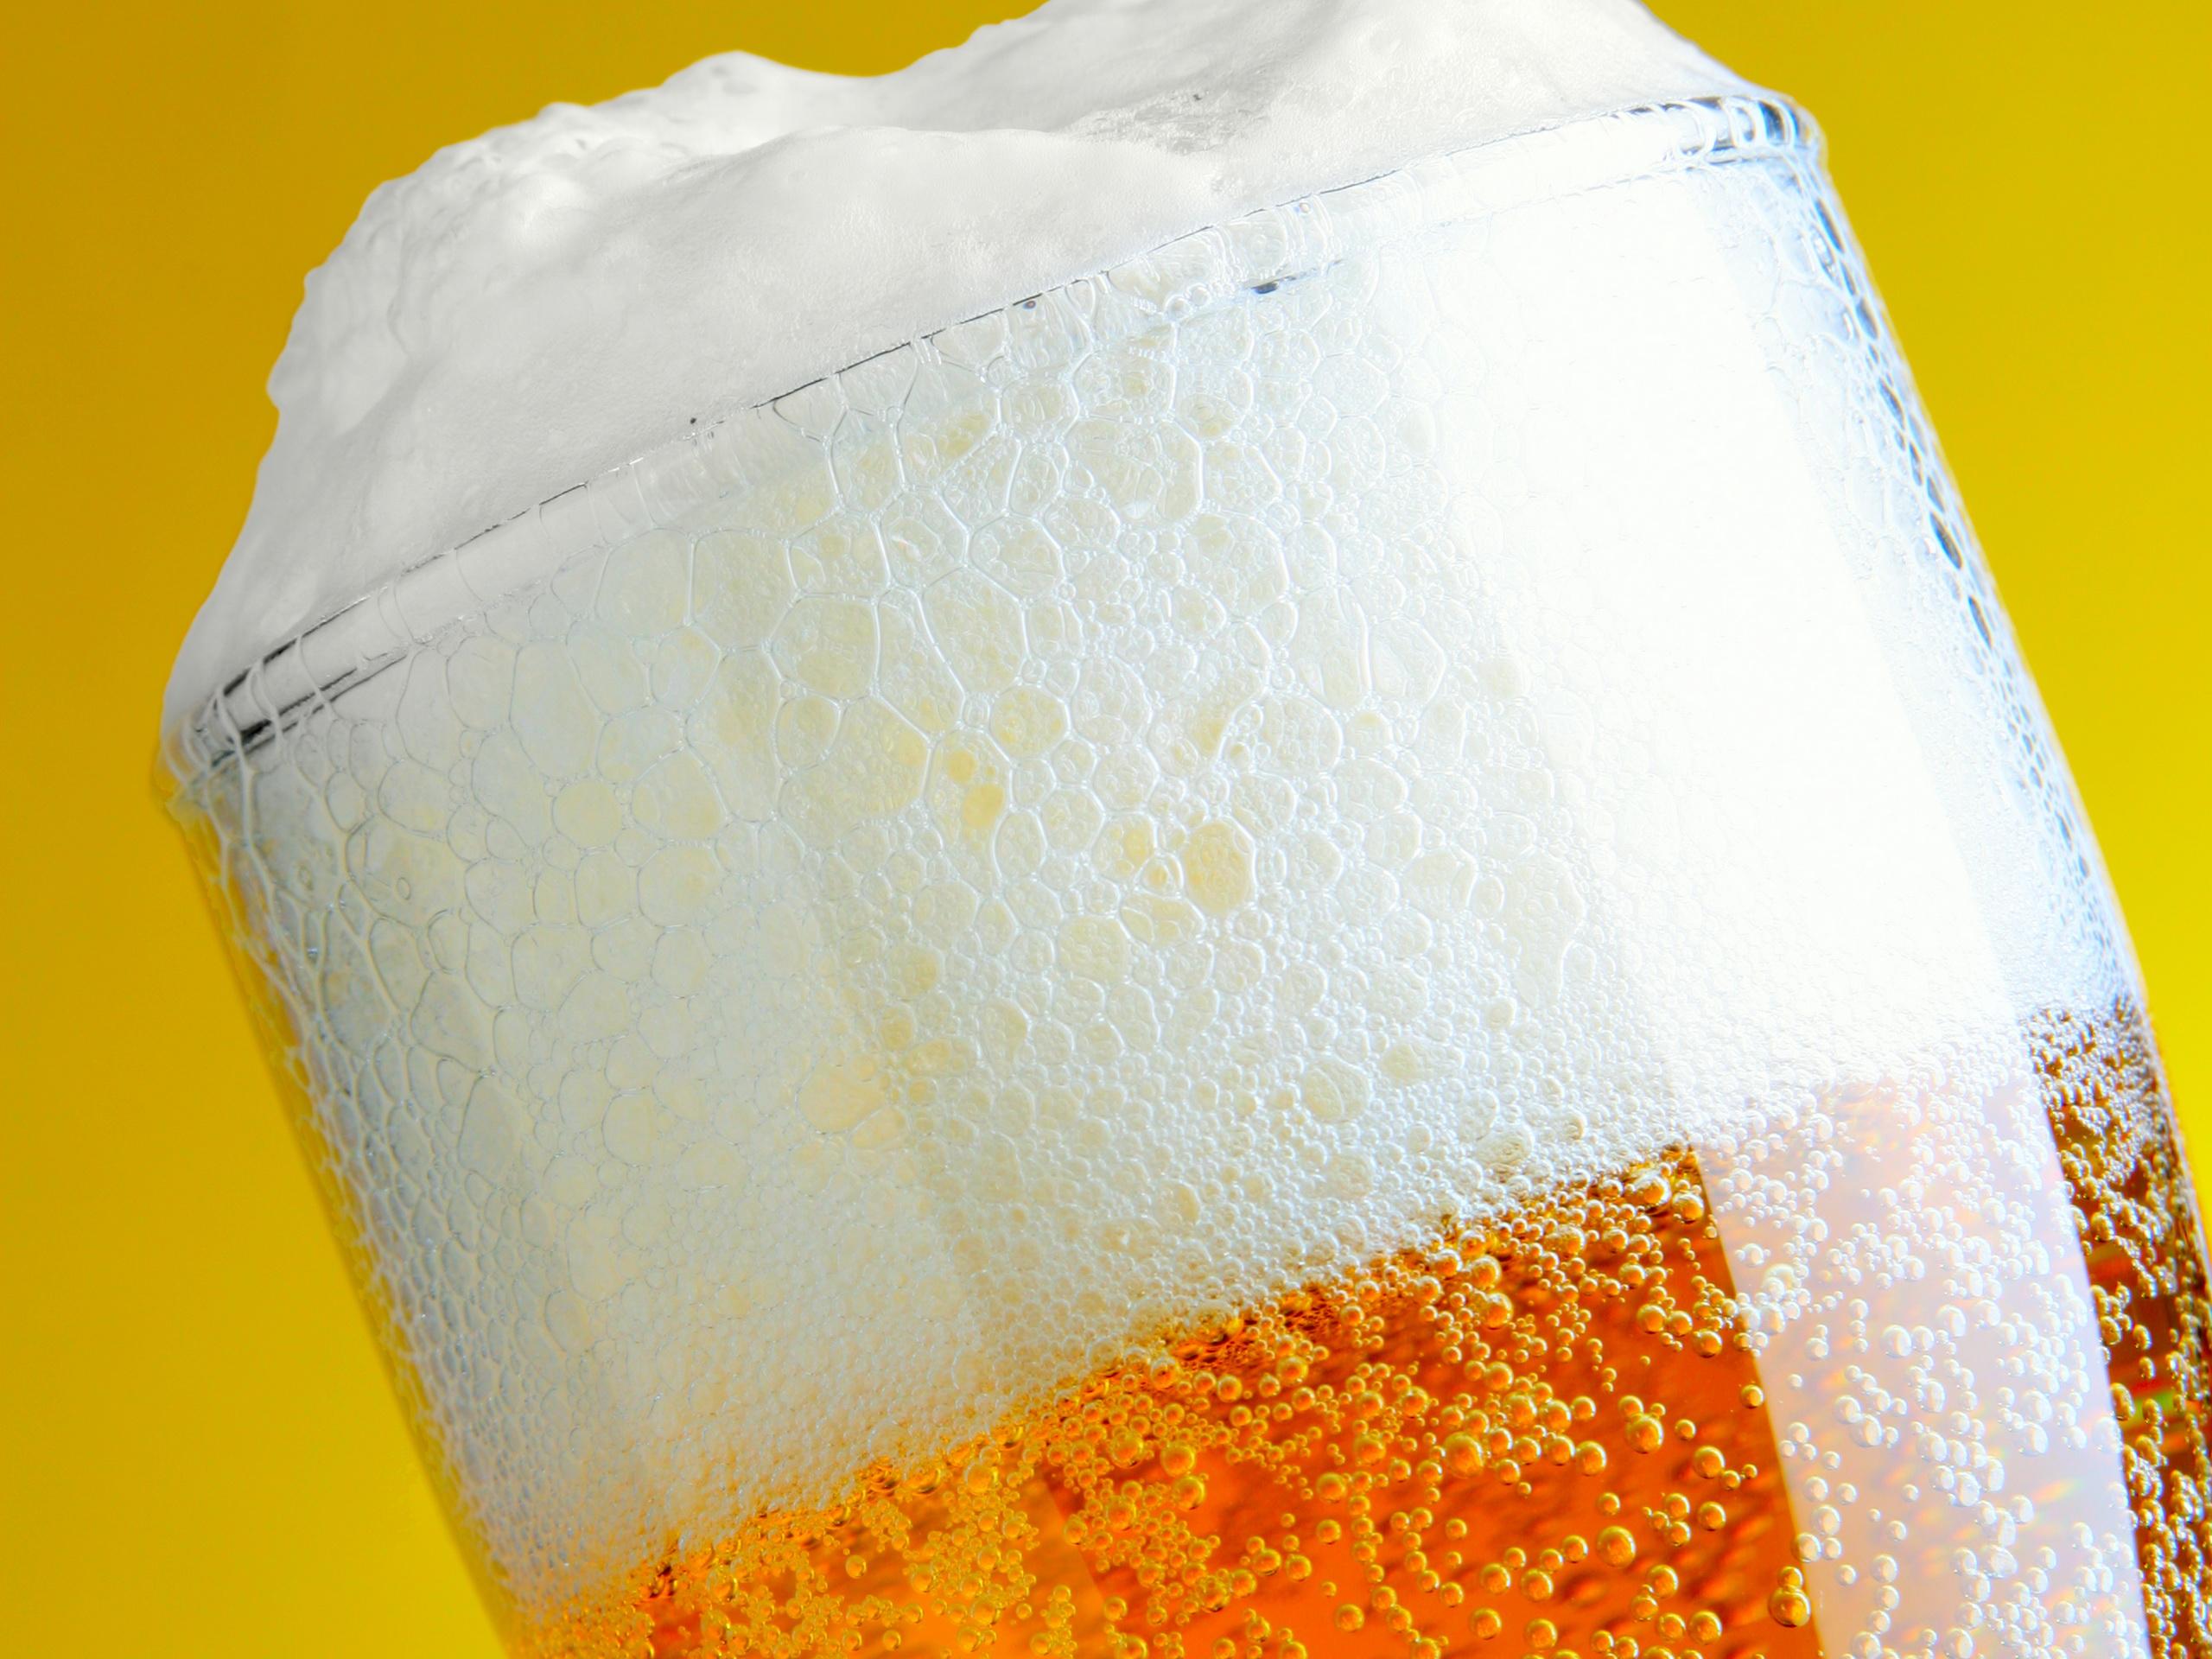 стакан пива, фото